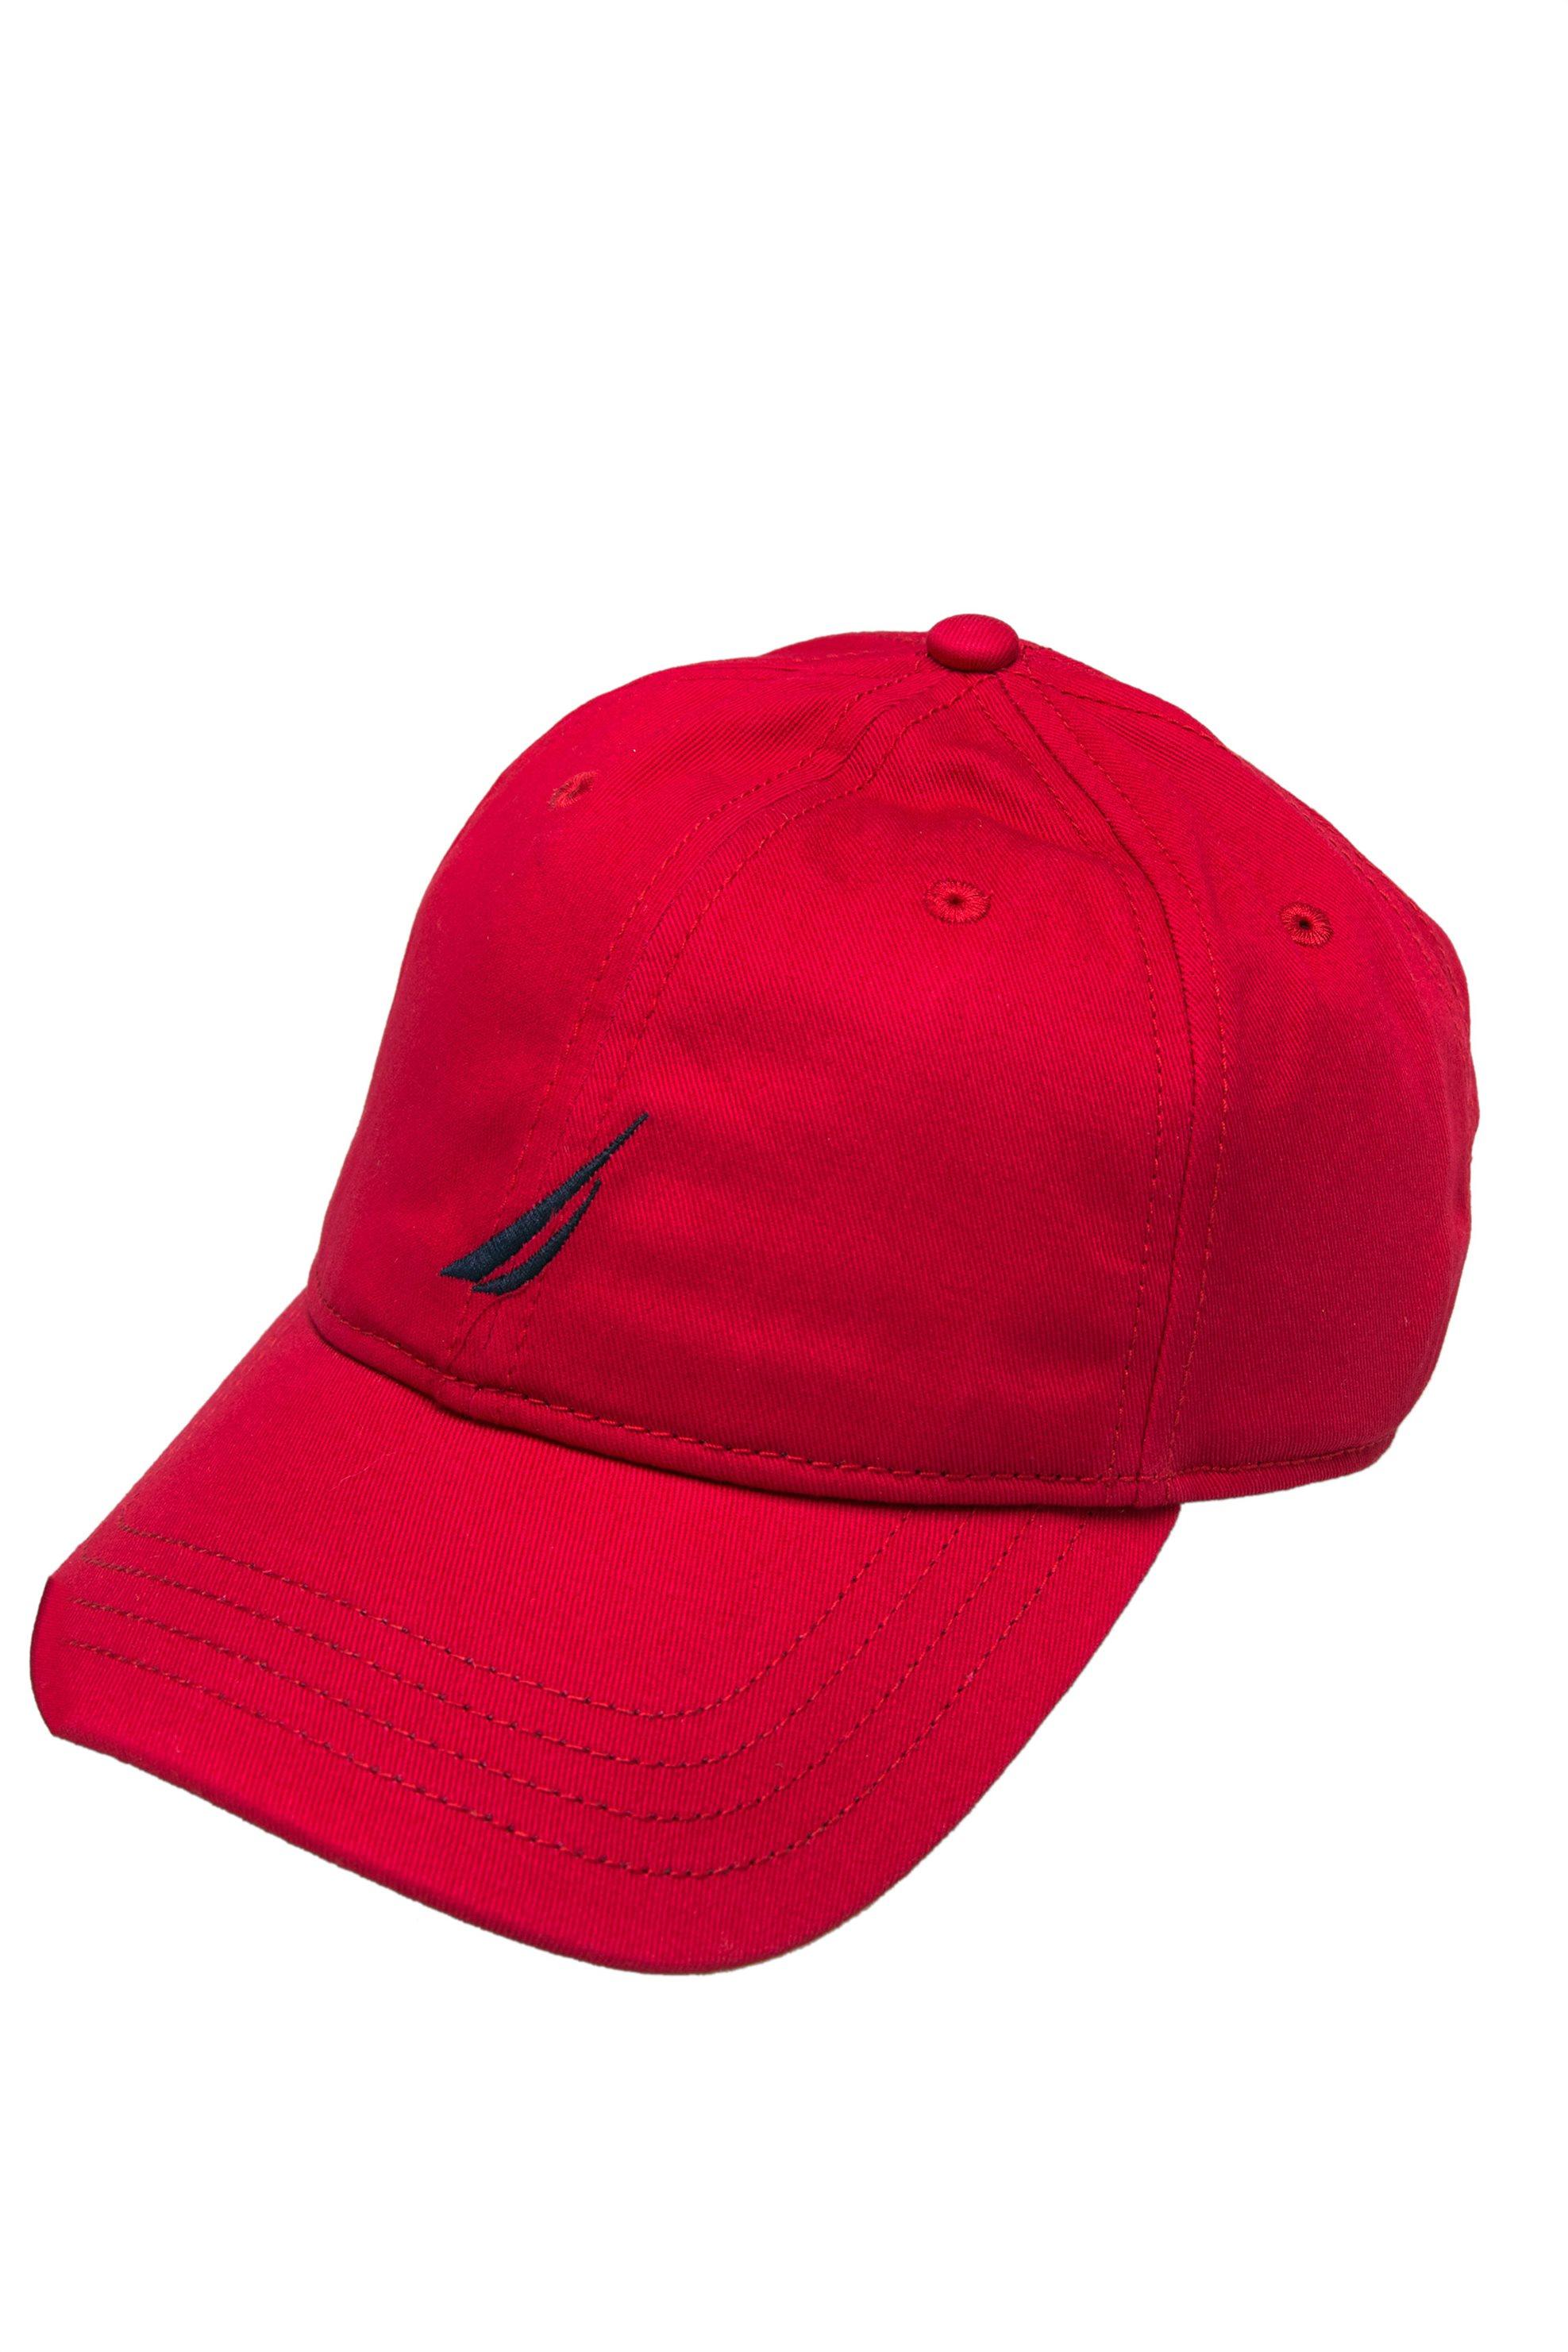 Ανδρικό καπέλο Nautica - H71055 - Κόκκινο ανδρασ   αξεσουαρ   καπέλα